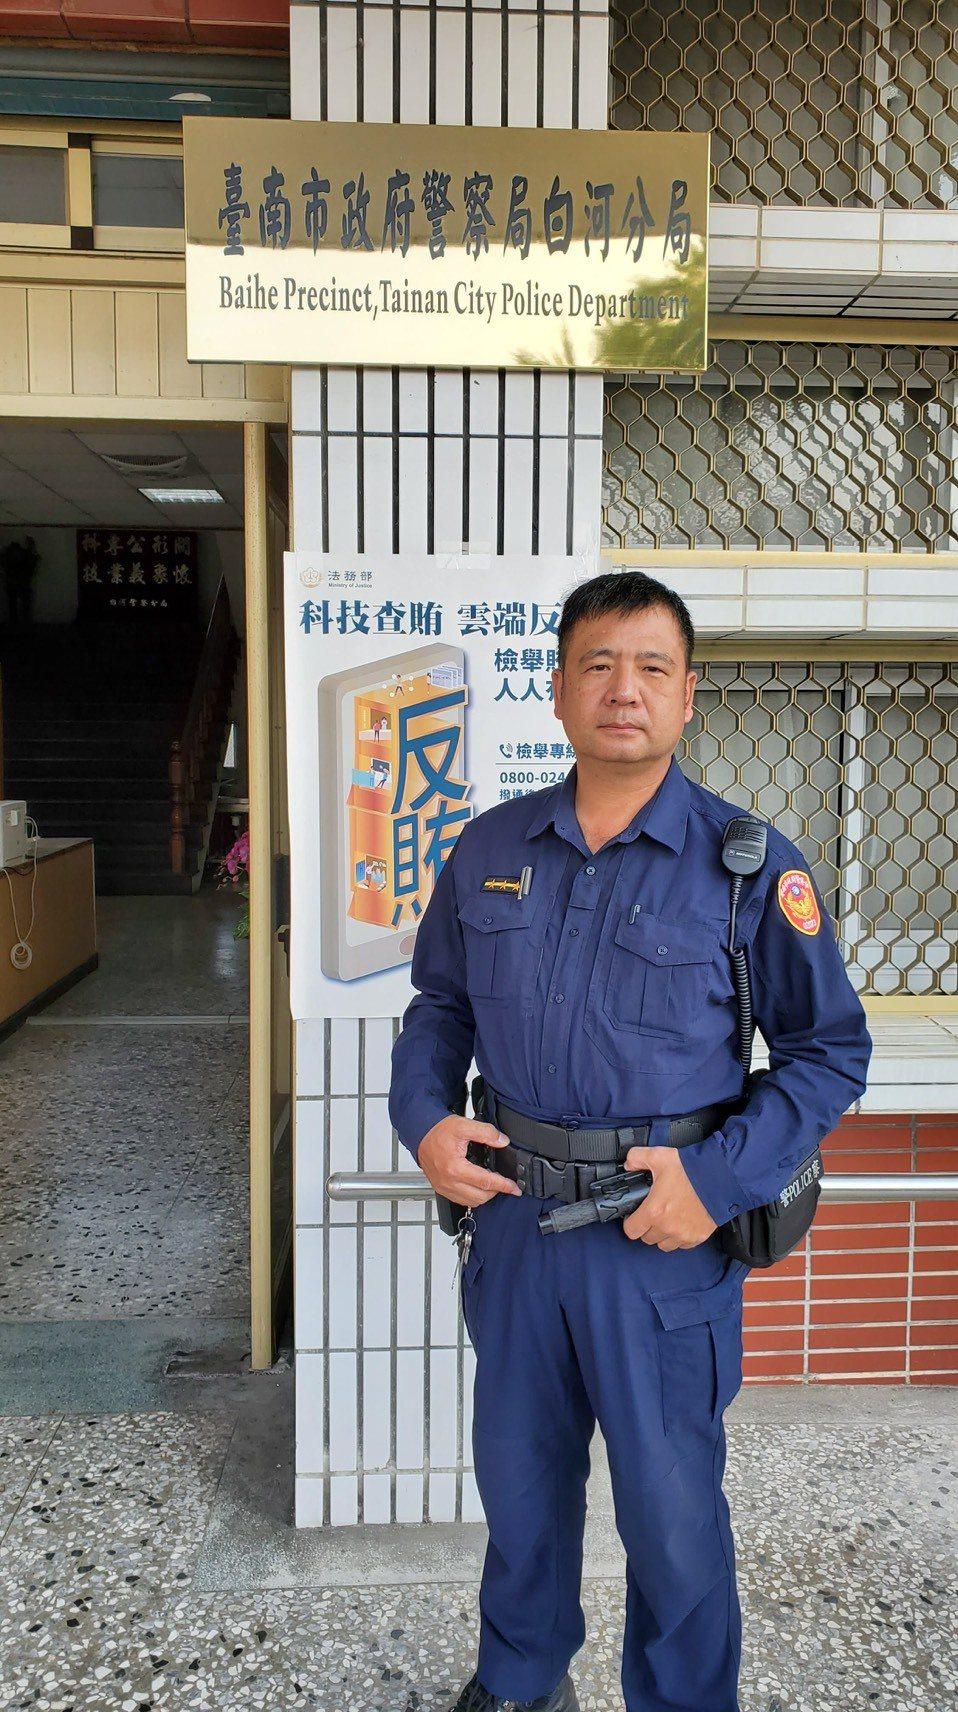 成功尋獲老翁的白河派出所警員黃昆智。記者謝進盛/翻攝